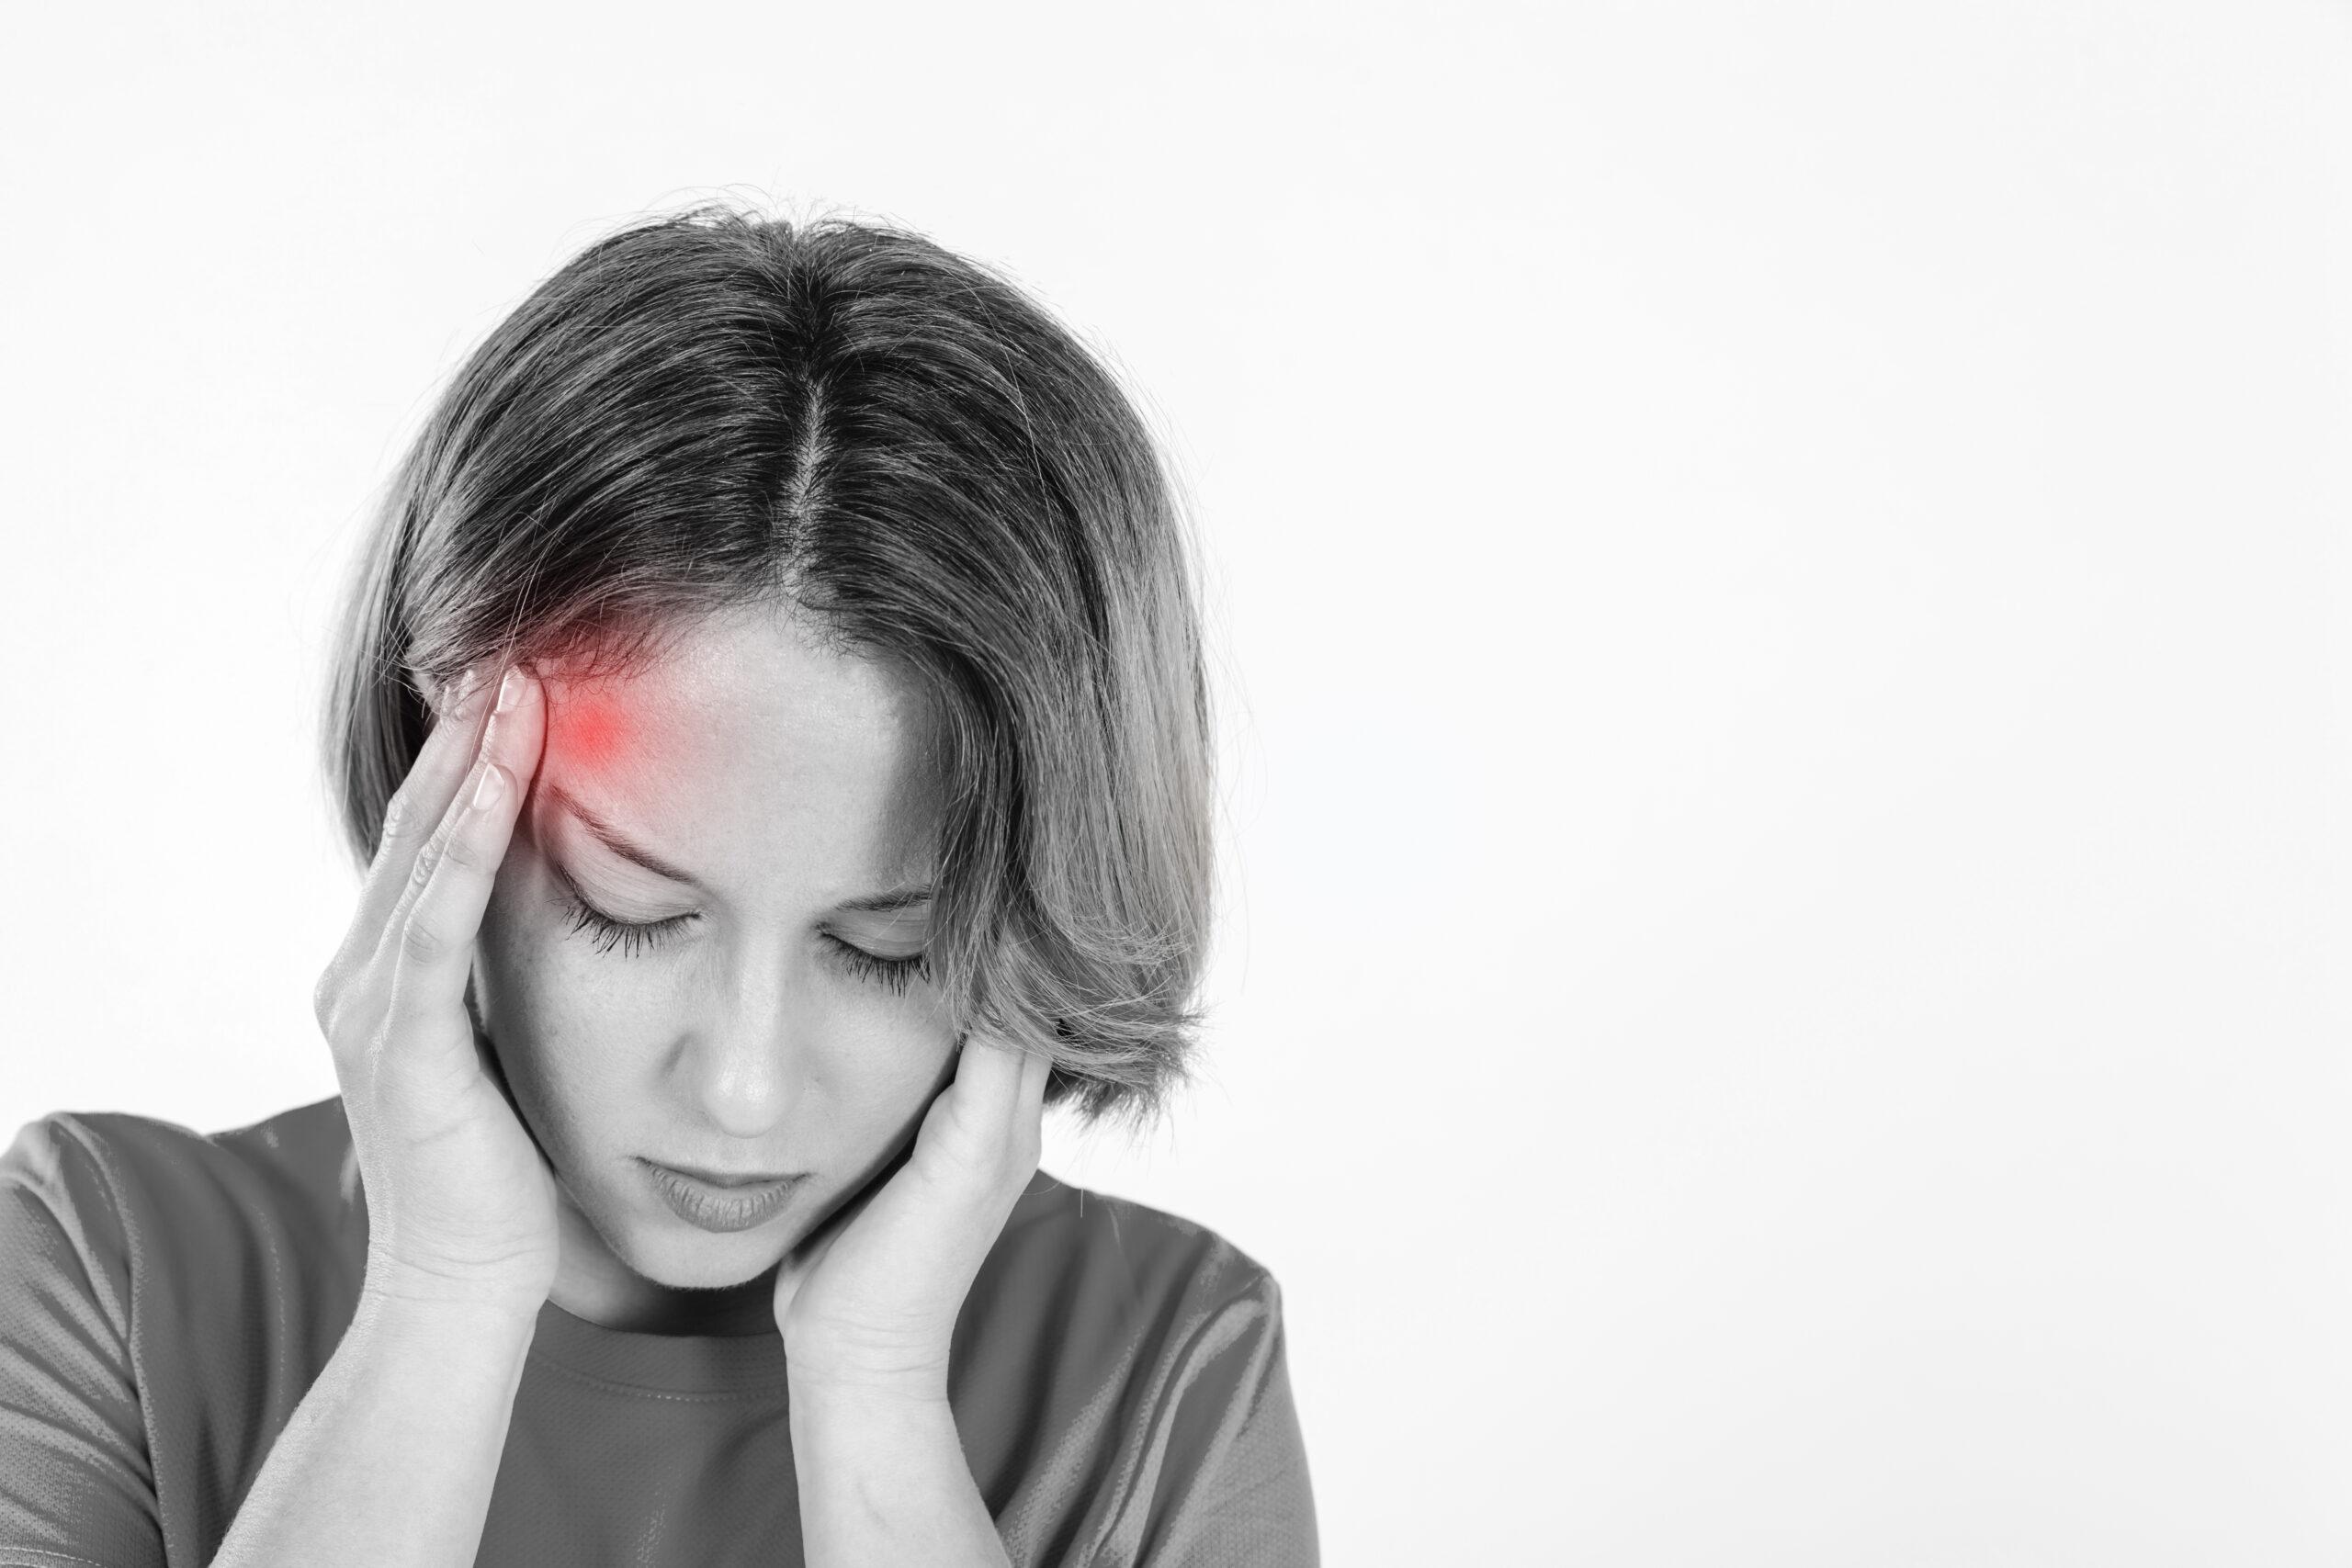 Центр здоров'я Solard - Ежедневные головные боли у молодой женщины - 37